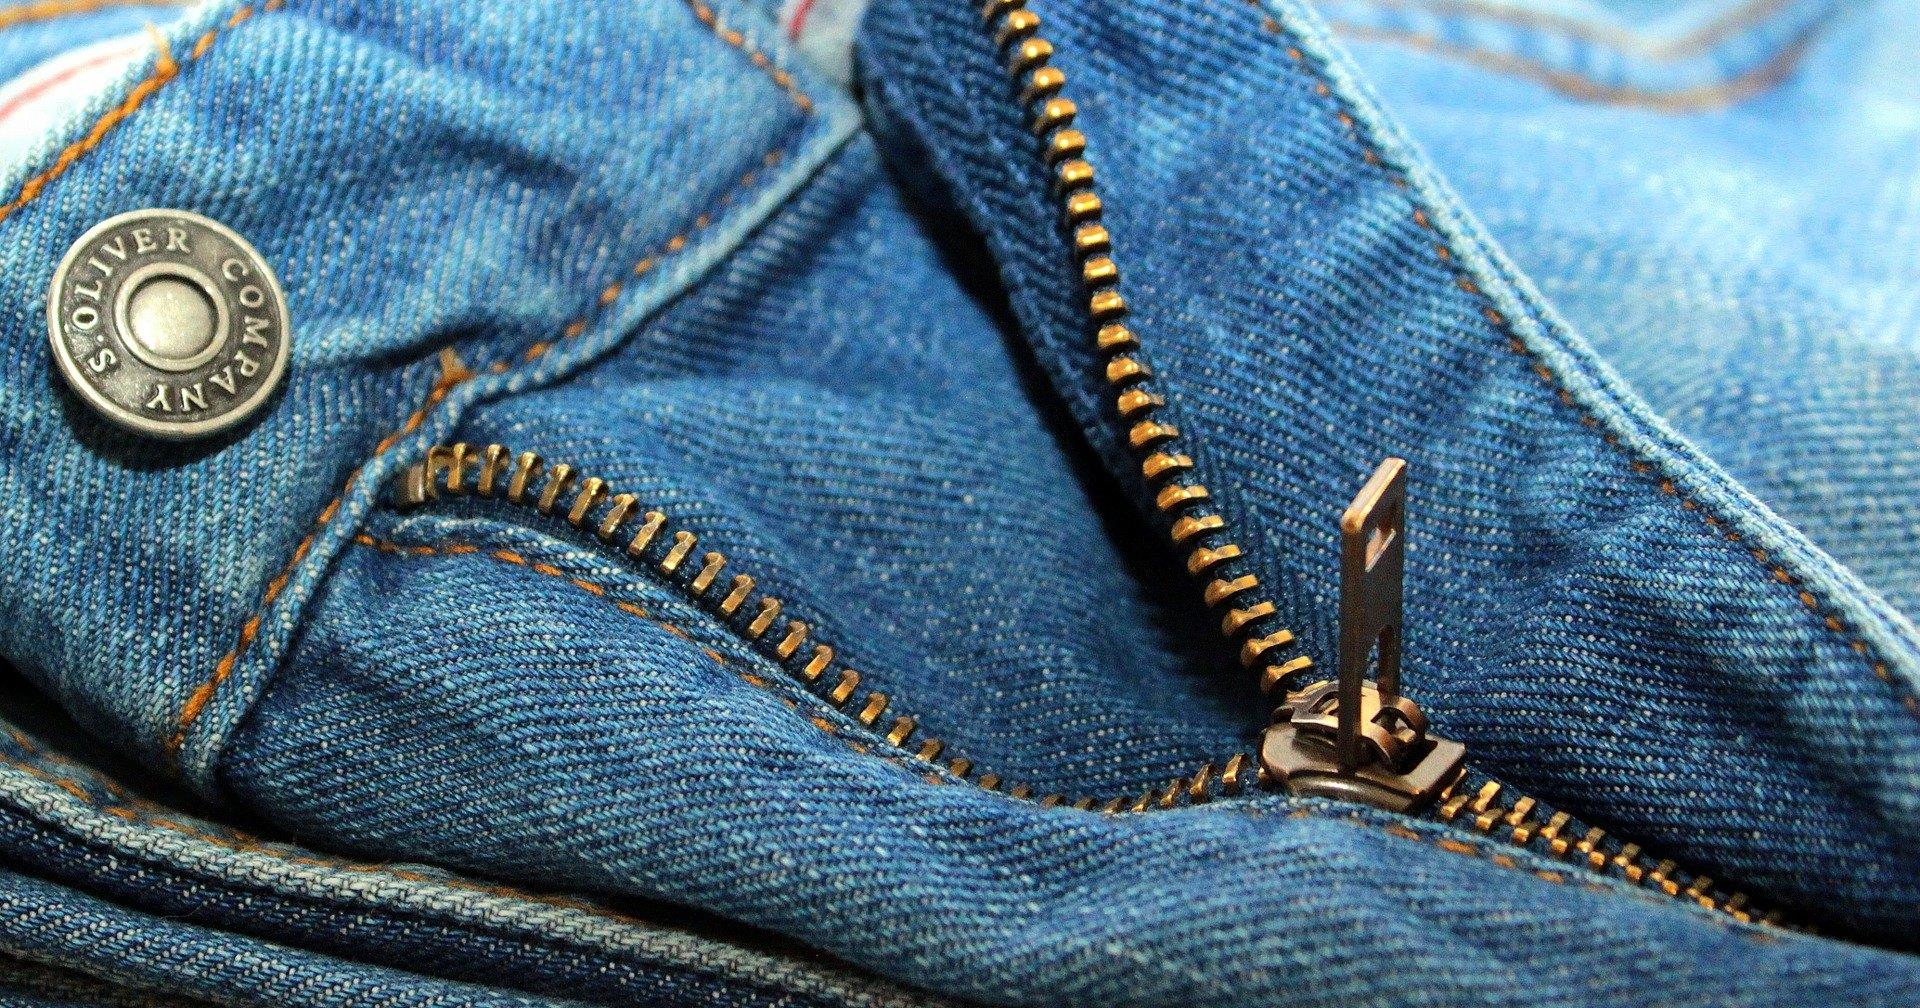 Как часто нужно стирать джинсы: мнение специалистов